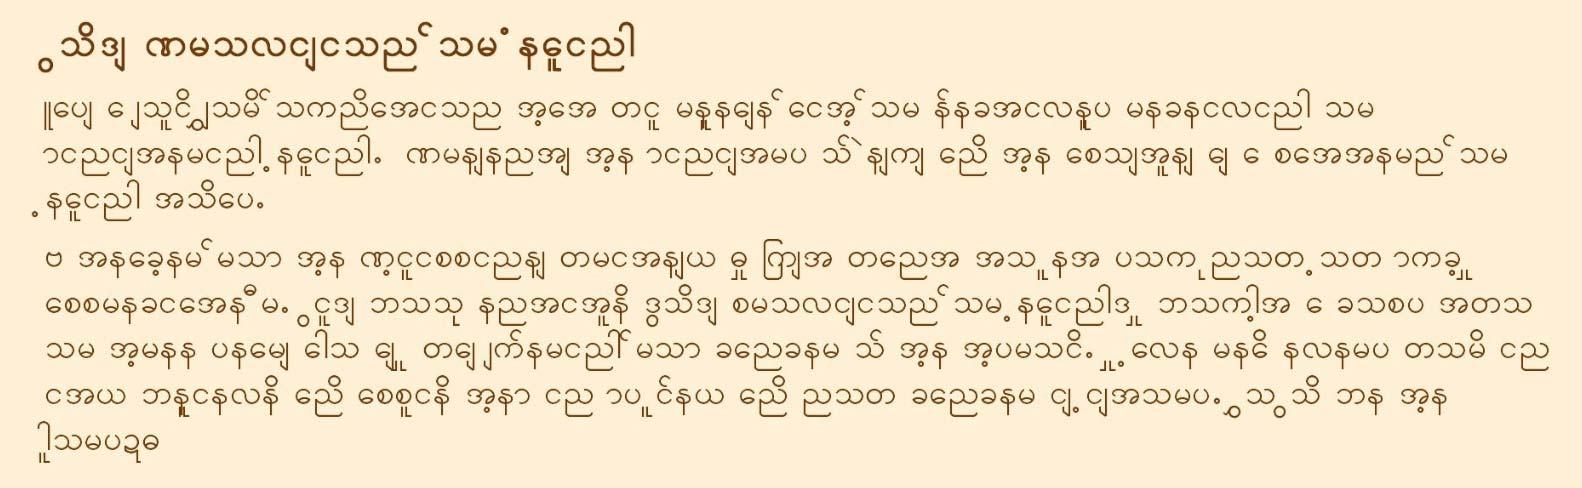 3-Burmese